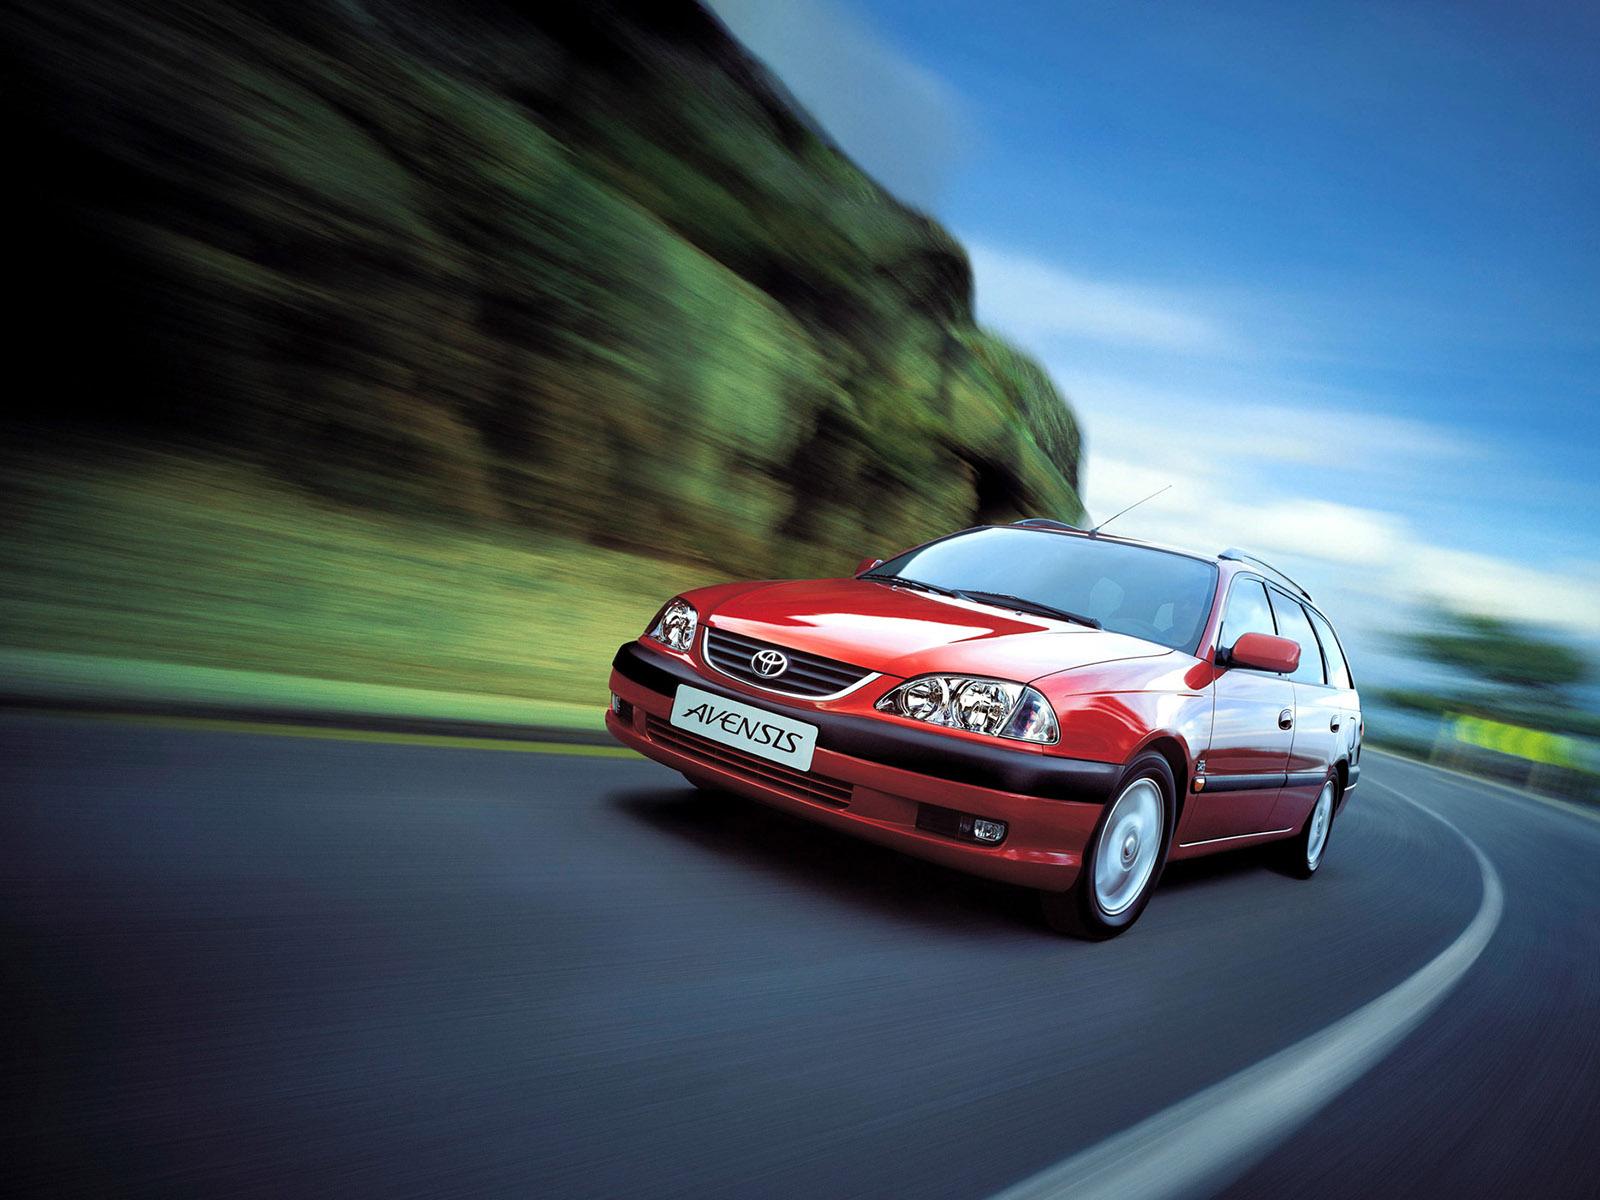 toyota avensis wagon 2000-2002 toyota avensis wagon 2000-2002